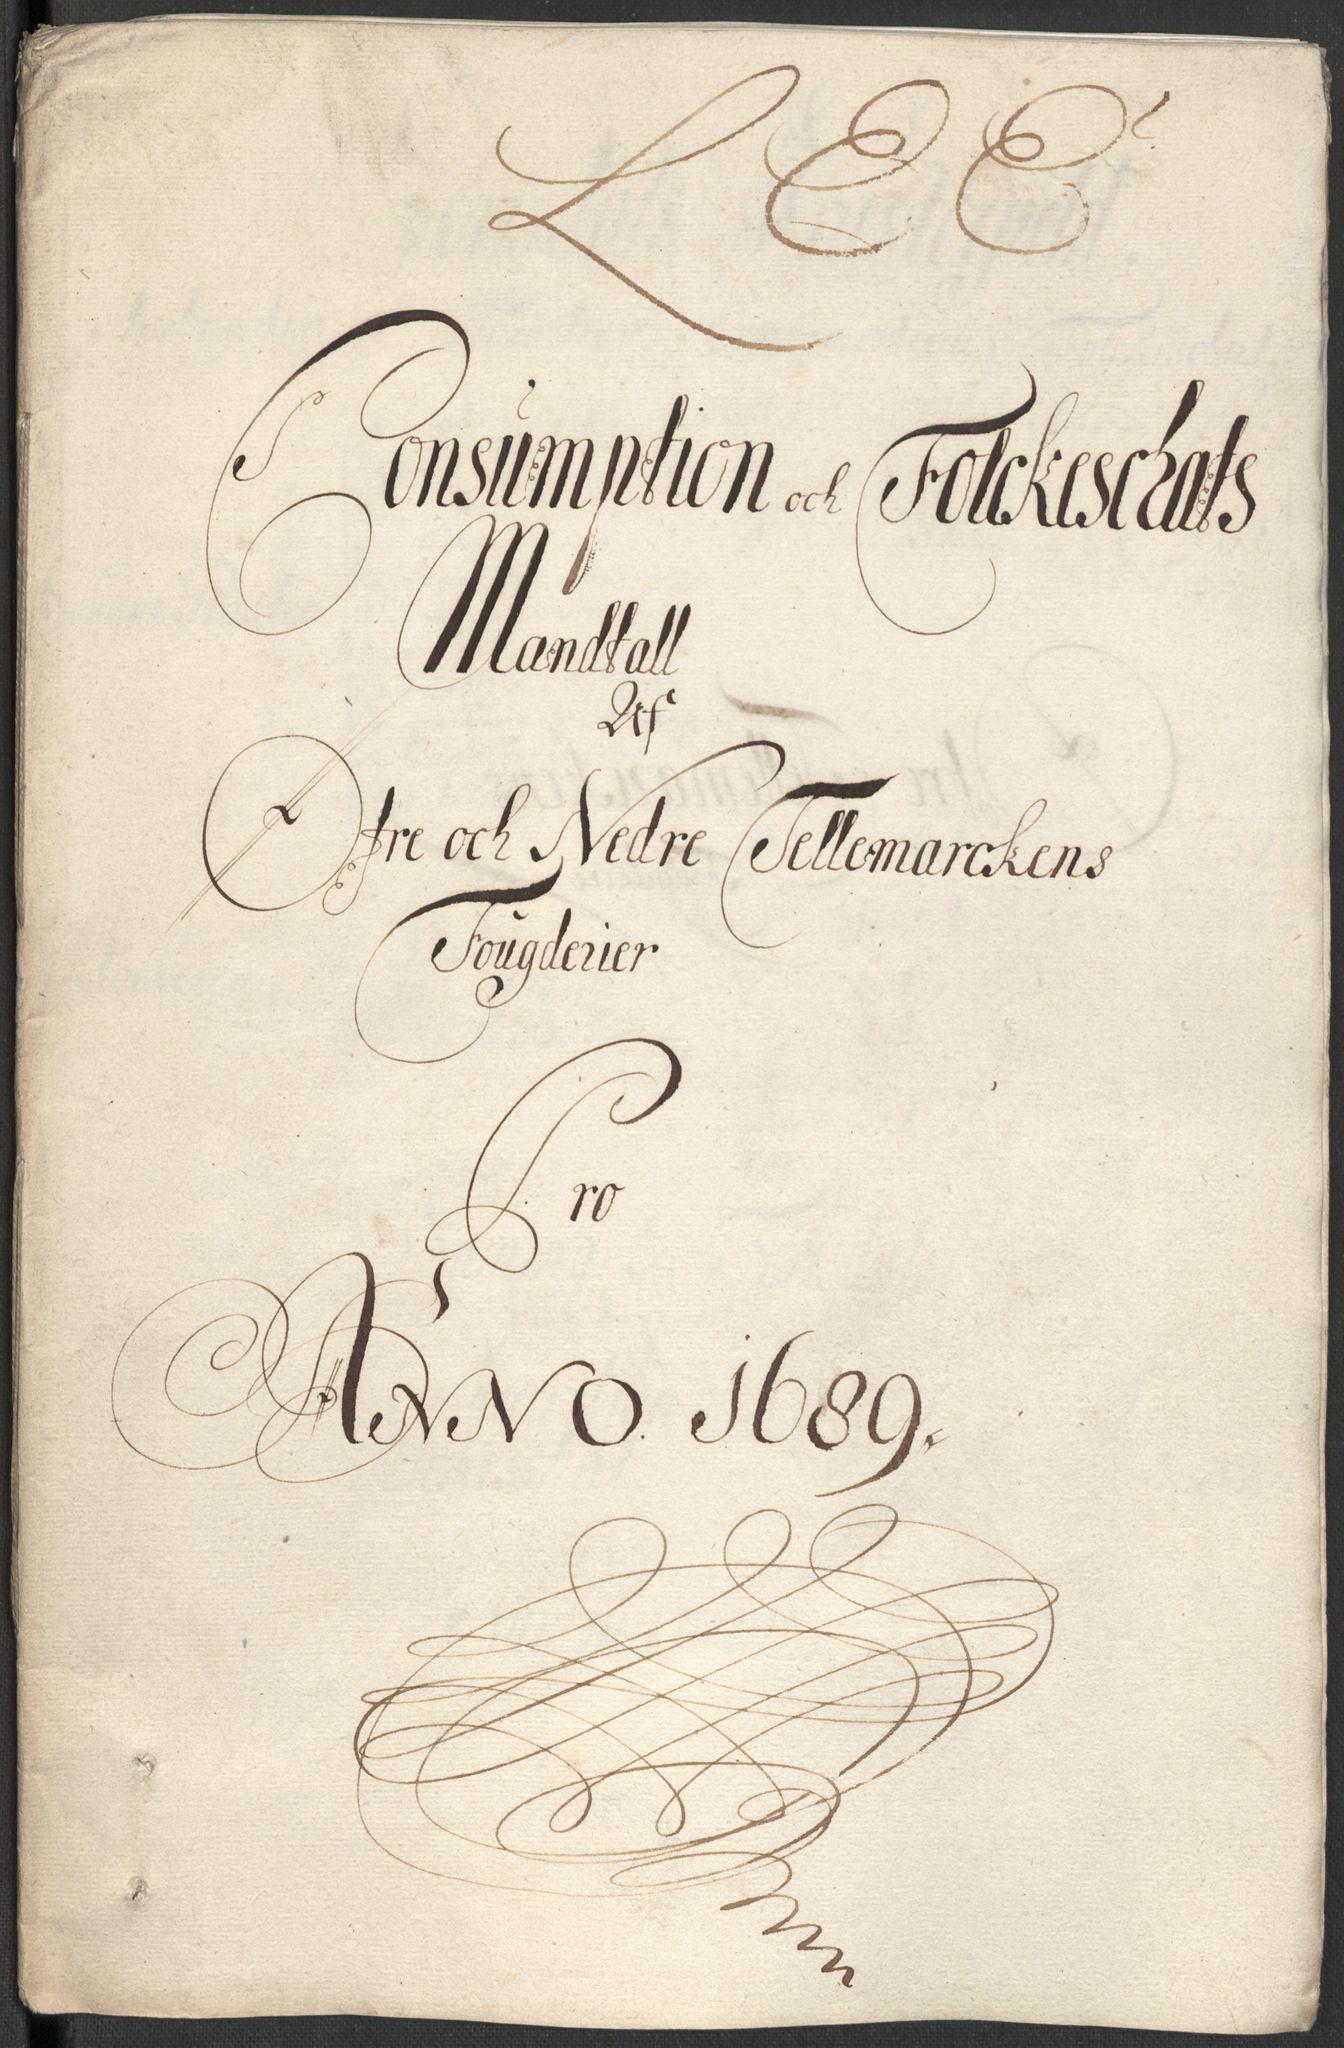 RA, Rentekammeret inntil 1814, Reviderte regnskaper, Fogderegnskap, R35/L2088: Fogderegnskap Øvre og Nedre Telemark, 1687-1689, s. 47